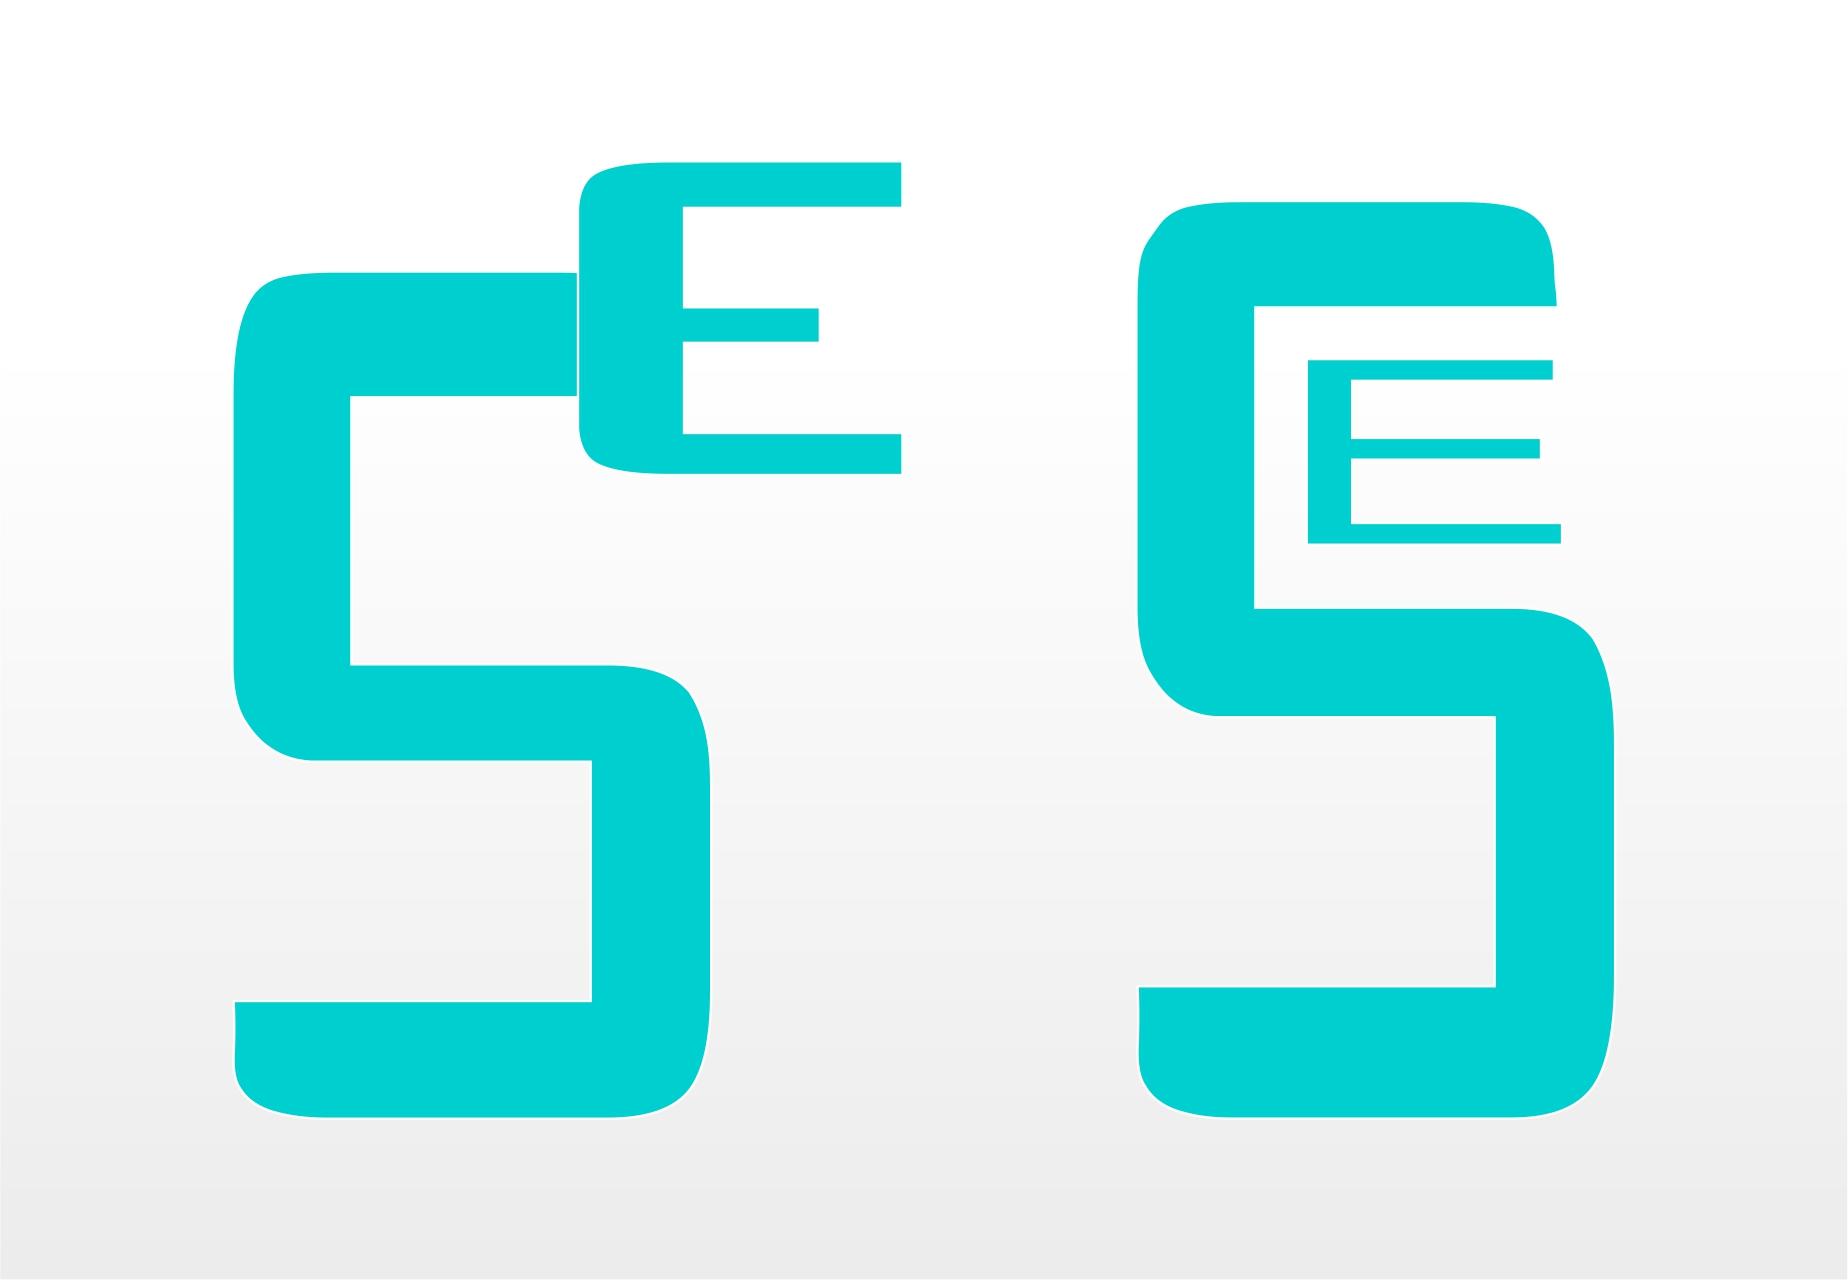 Нарисовать логотип для группы компаний  фото f_5635cdbc5d2eae4c.jpg